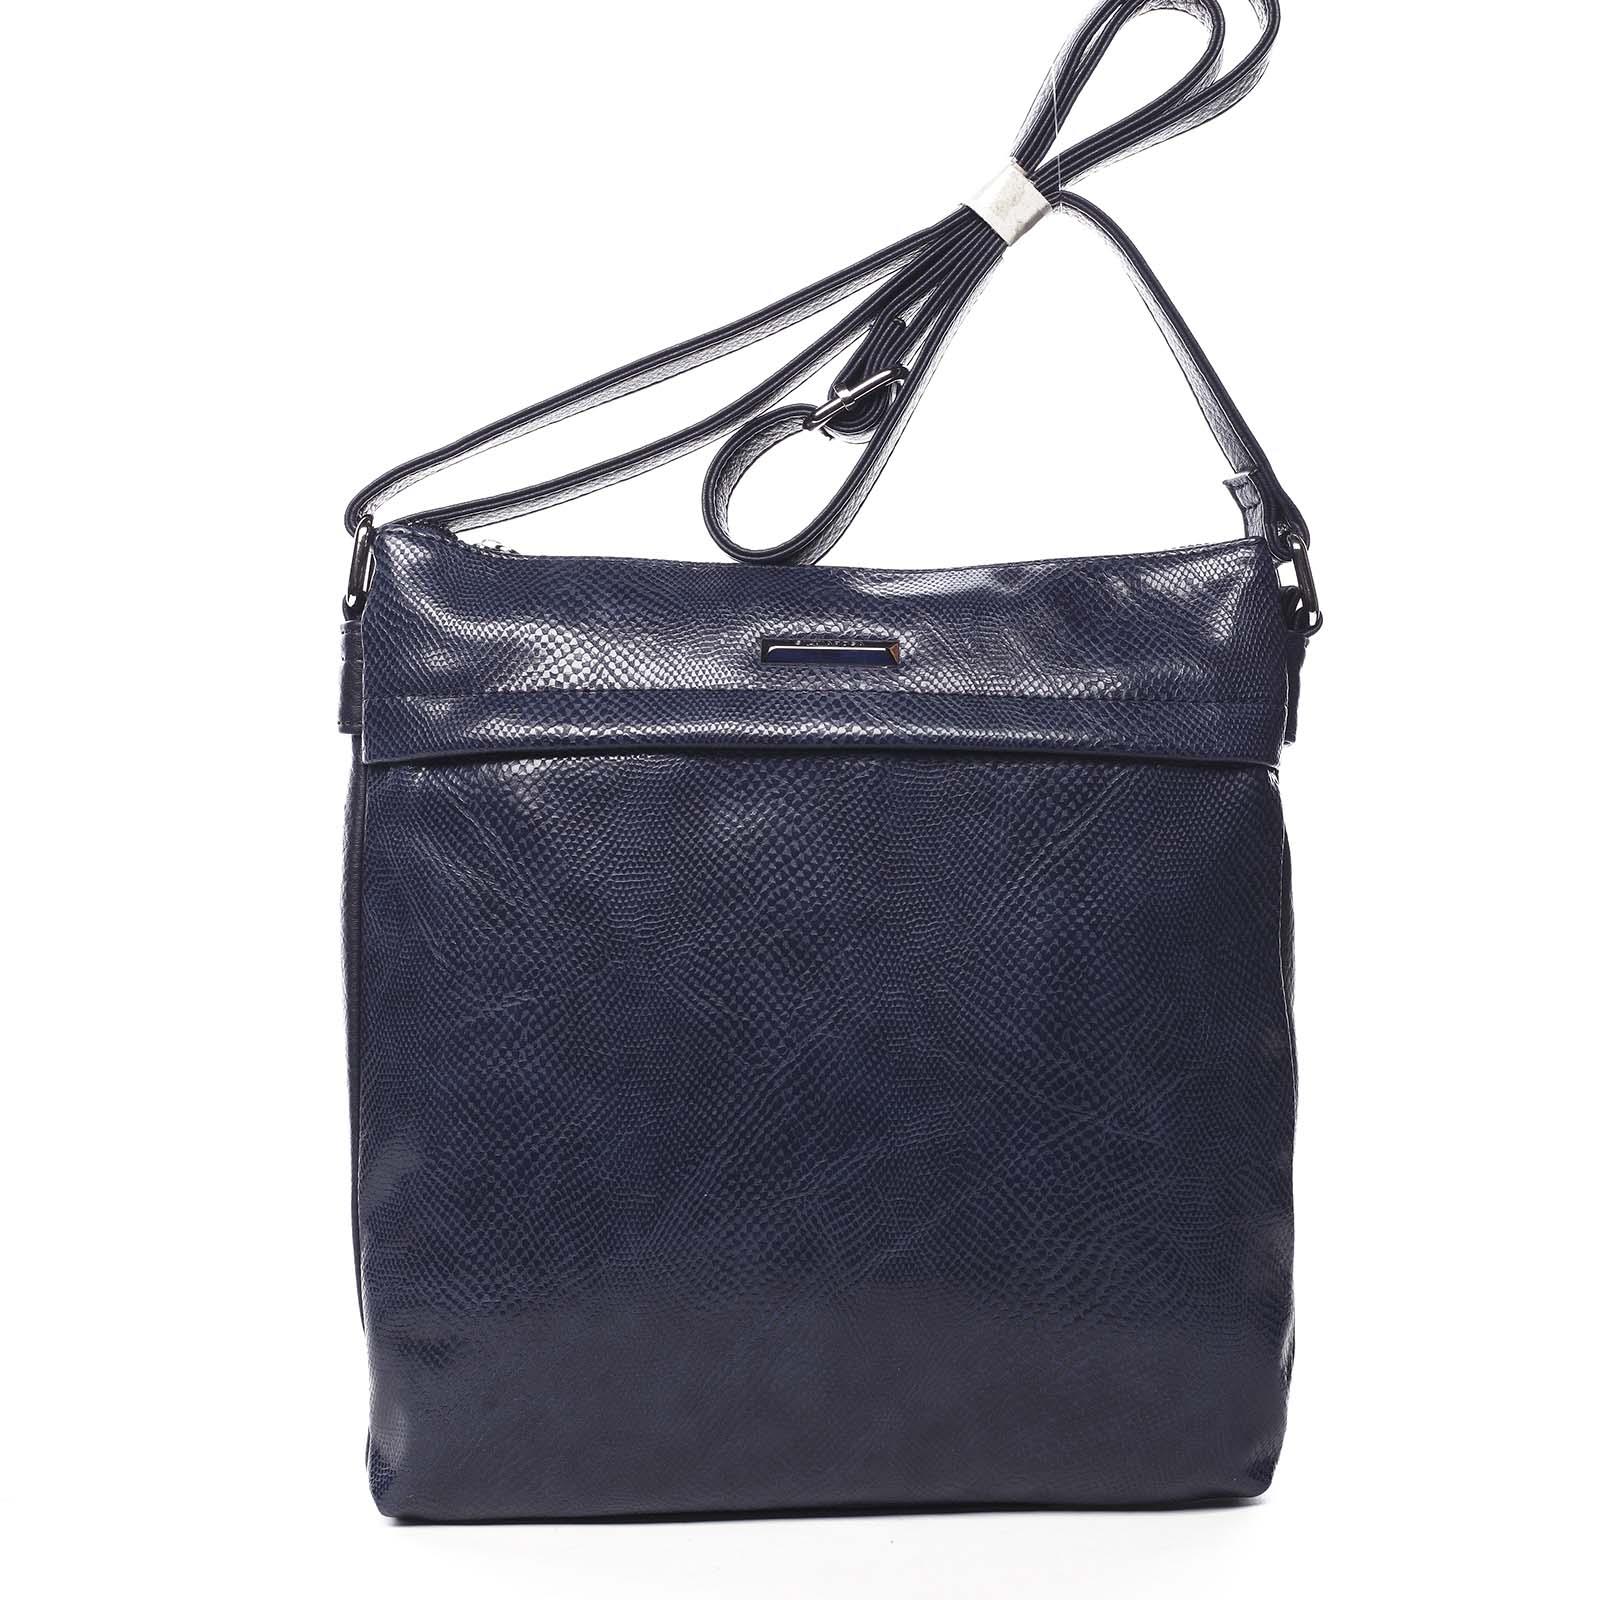 Dámská crossbody kabelky tmavě modrá - Silvia Rosa Dingeka Snake tmavě modrá